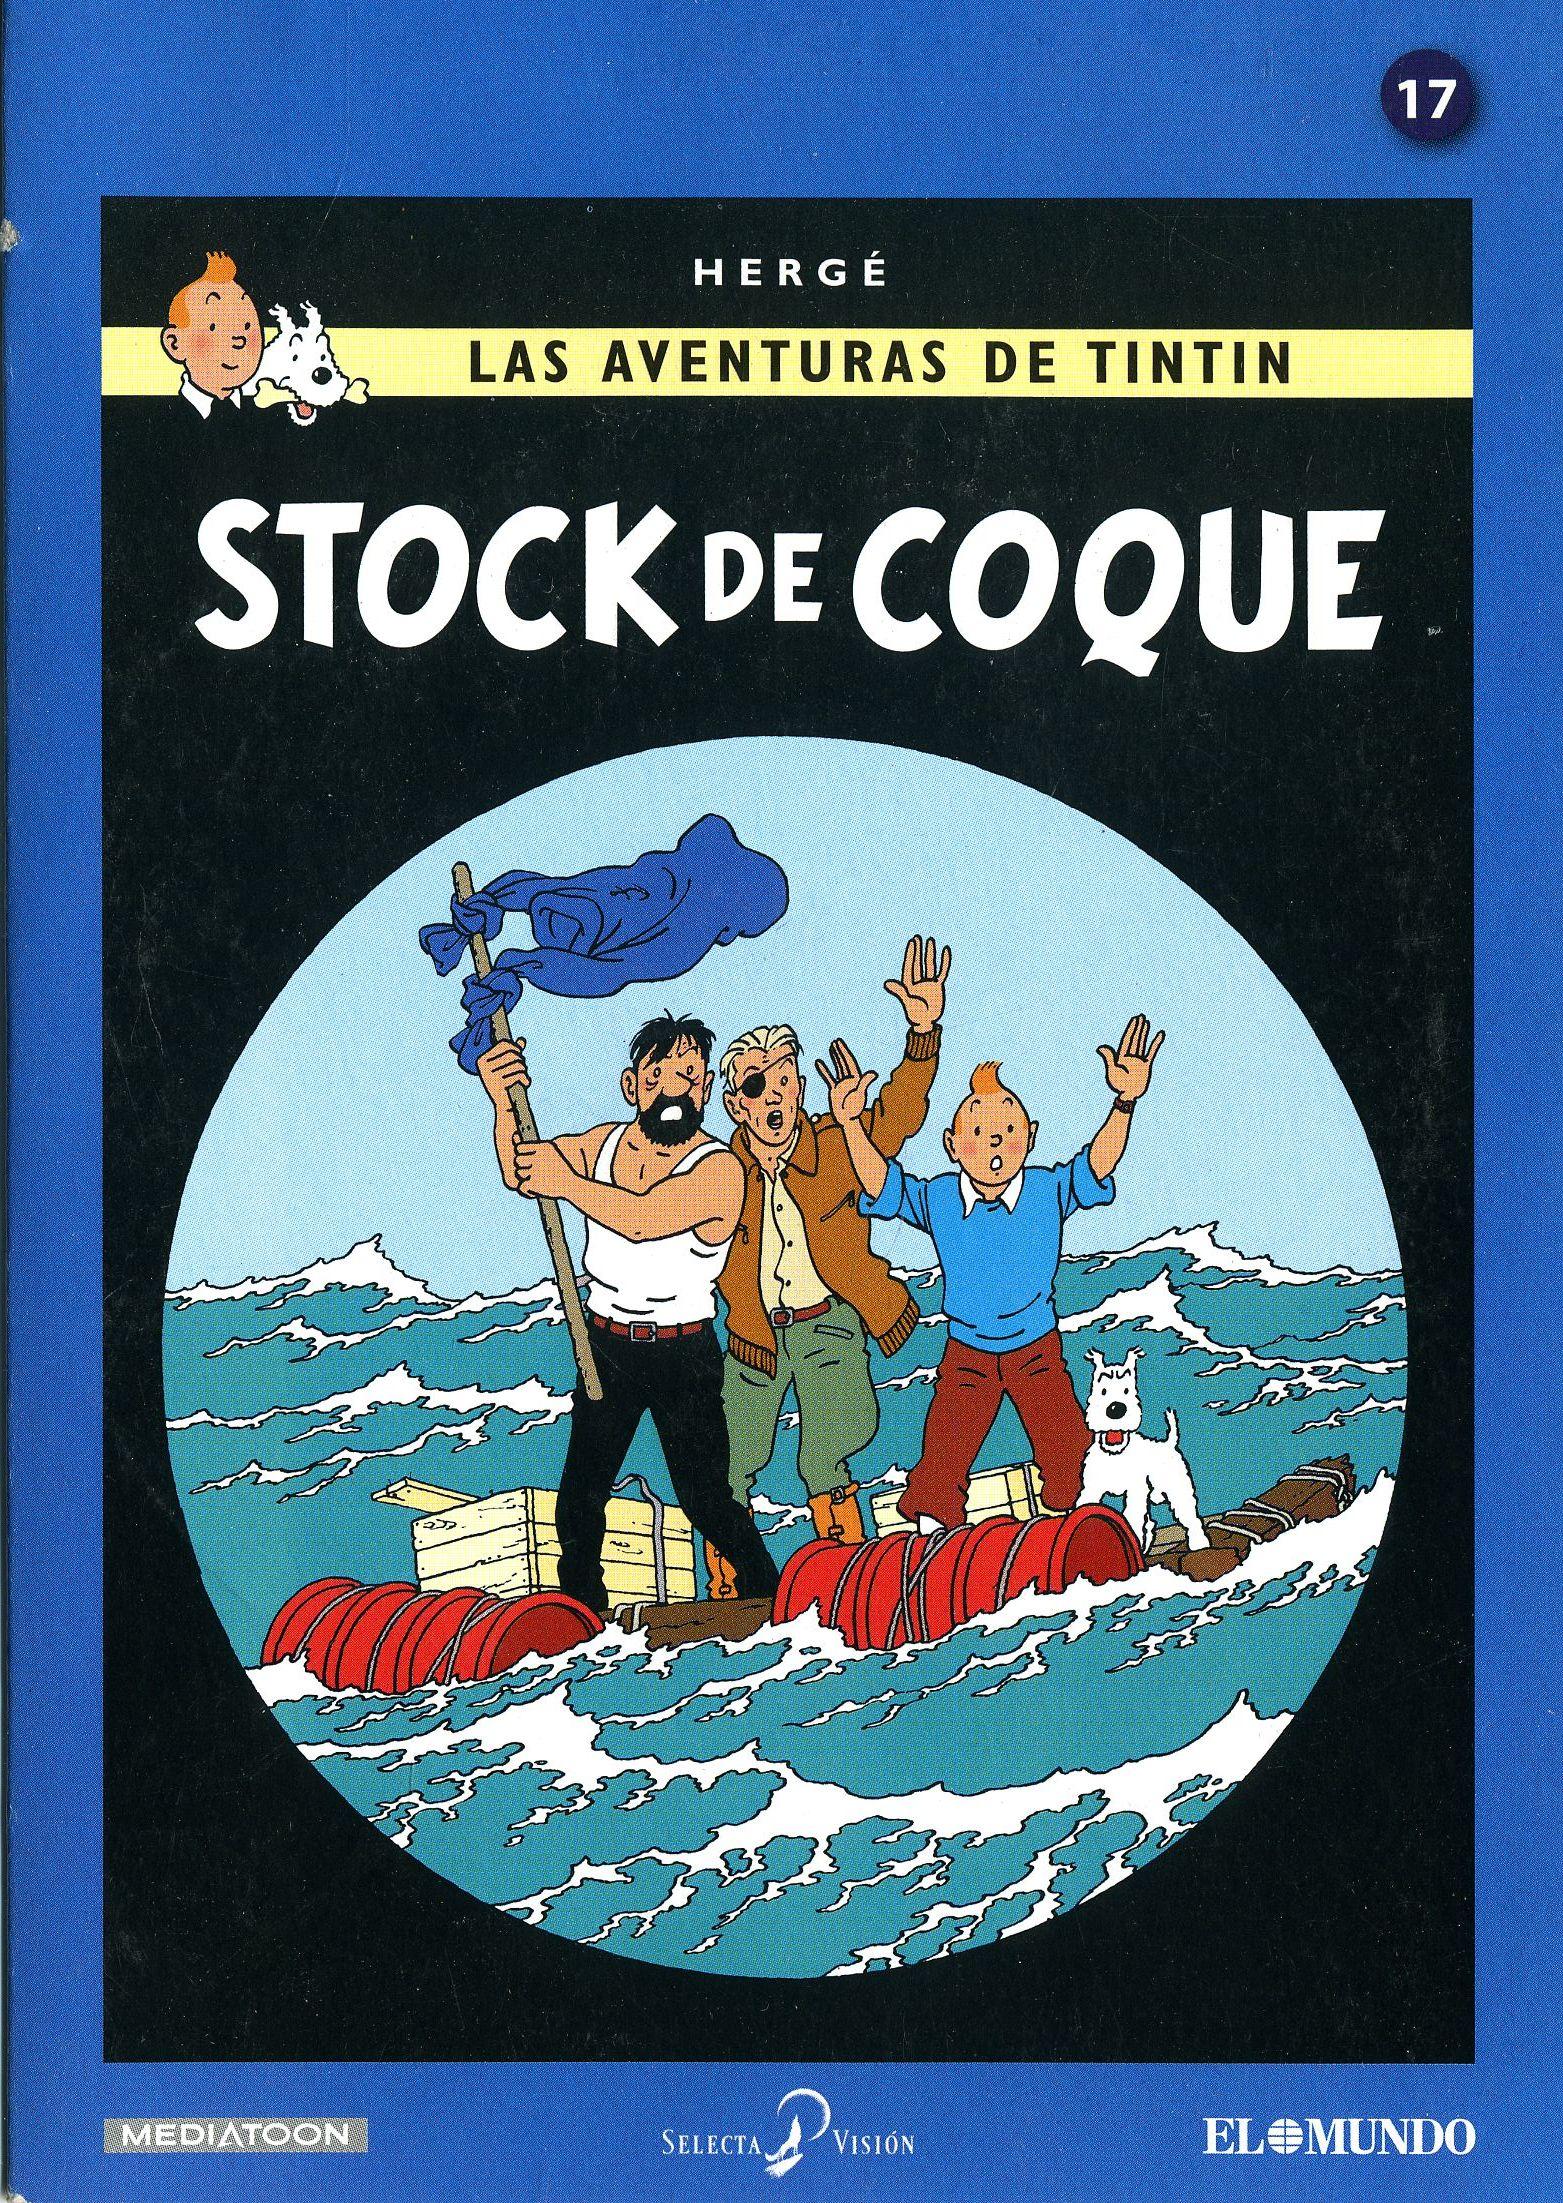 STOCK DE COQUE (2013). Carátula del DVD nº 17: Las Aventuras de TINTÍN-Hergé.